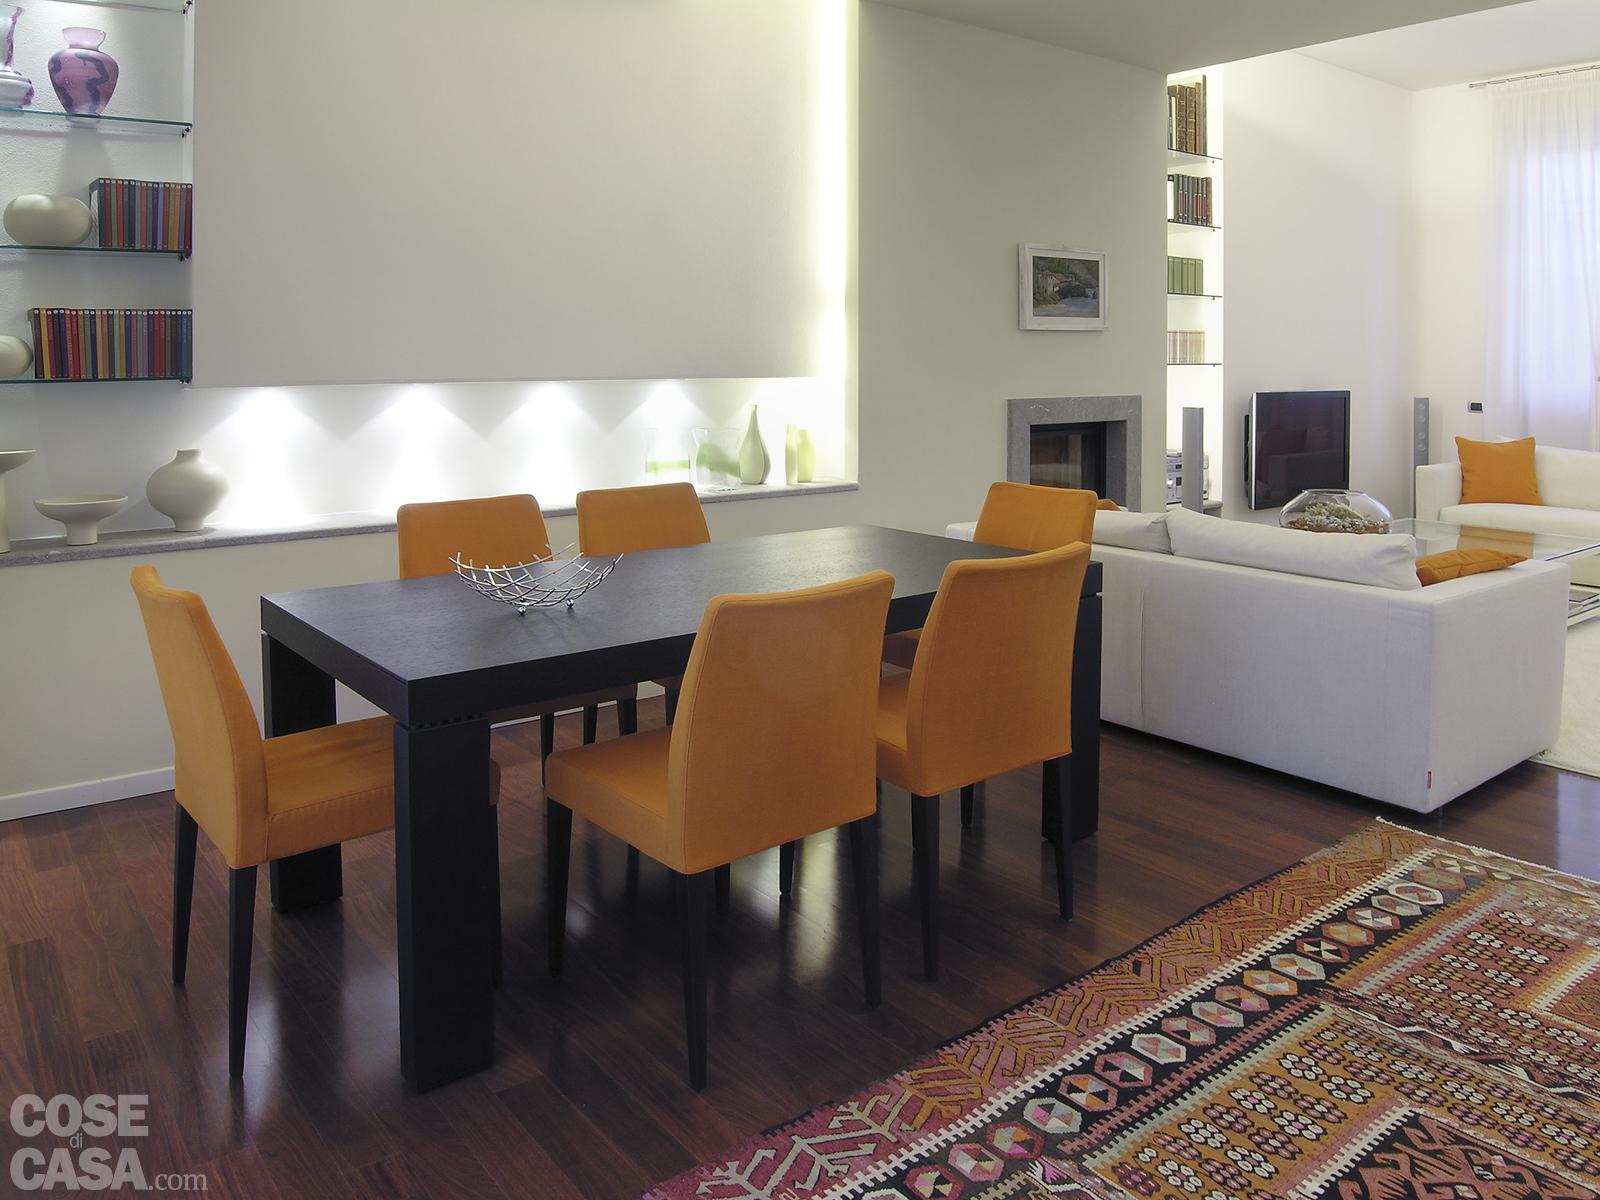 camino moderno da salotto: salotto con caminetto: soggiorno con ... - Immagini Soggiorno Moderno Con Camino 2